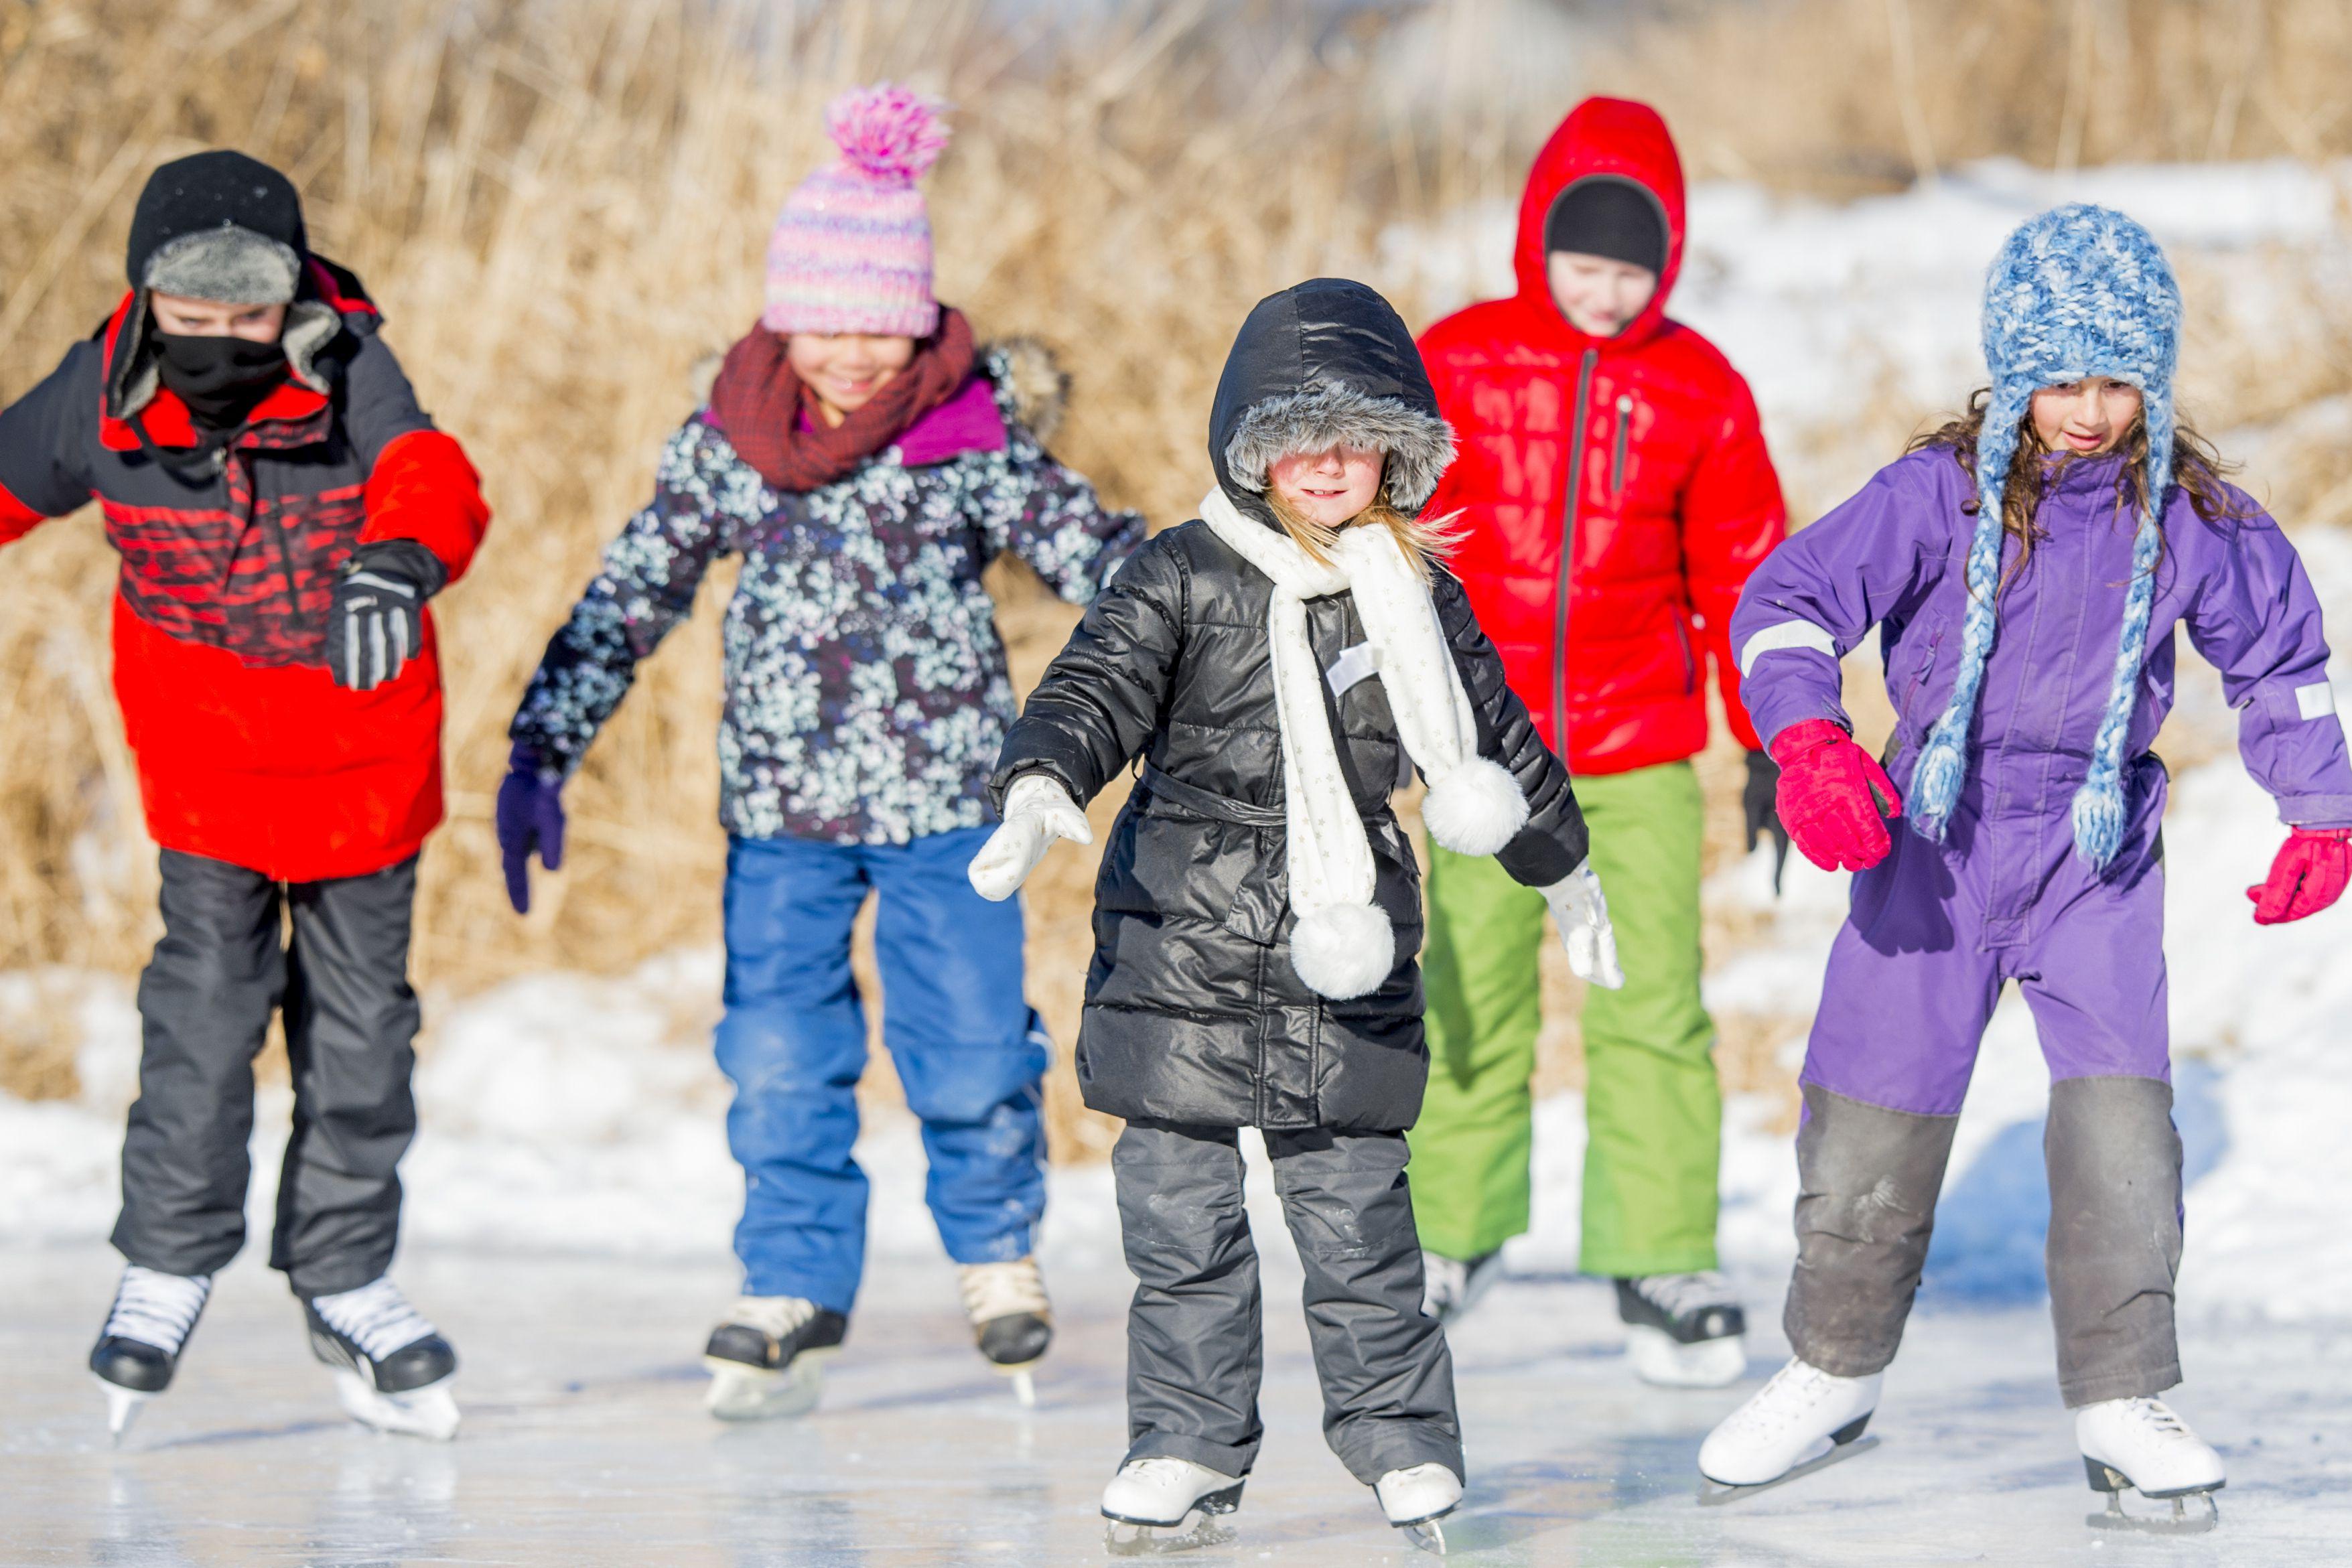 Elementary Children Skating Together